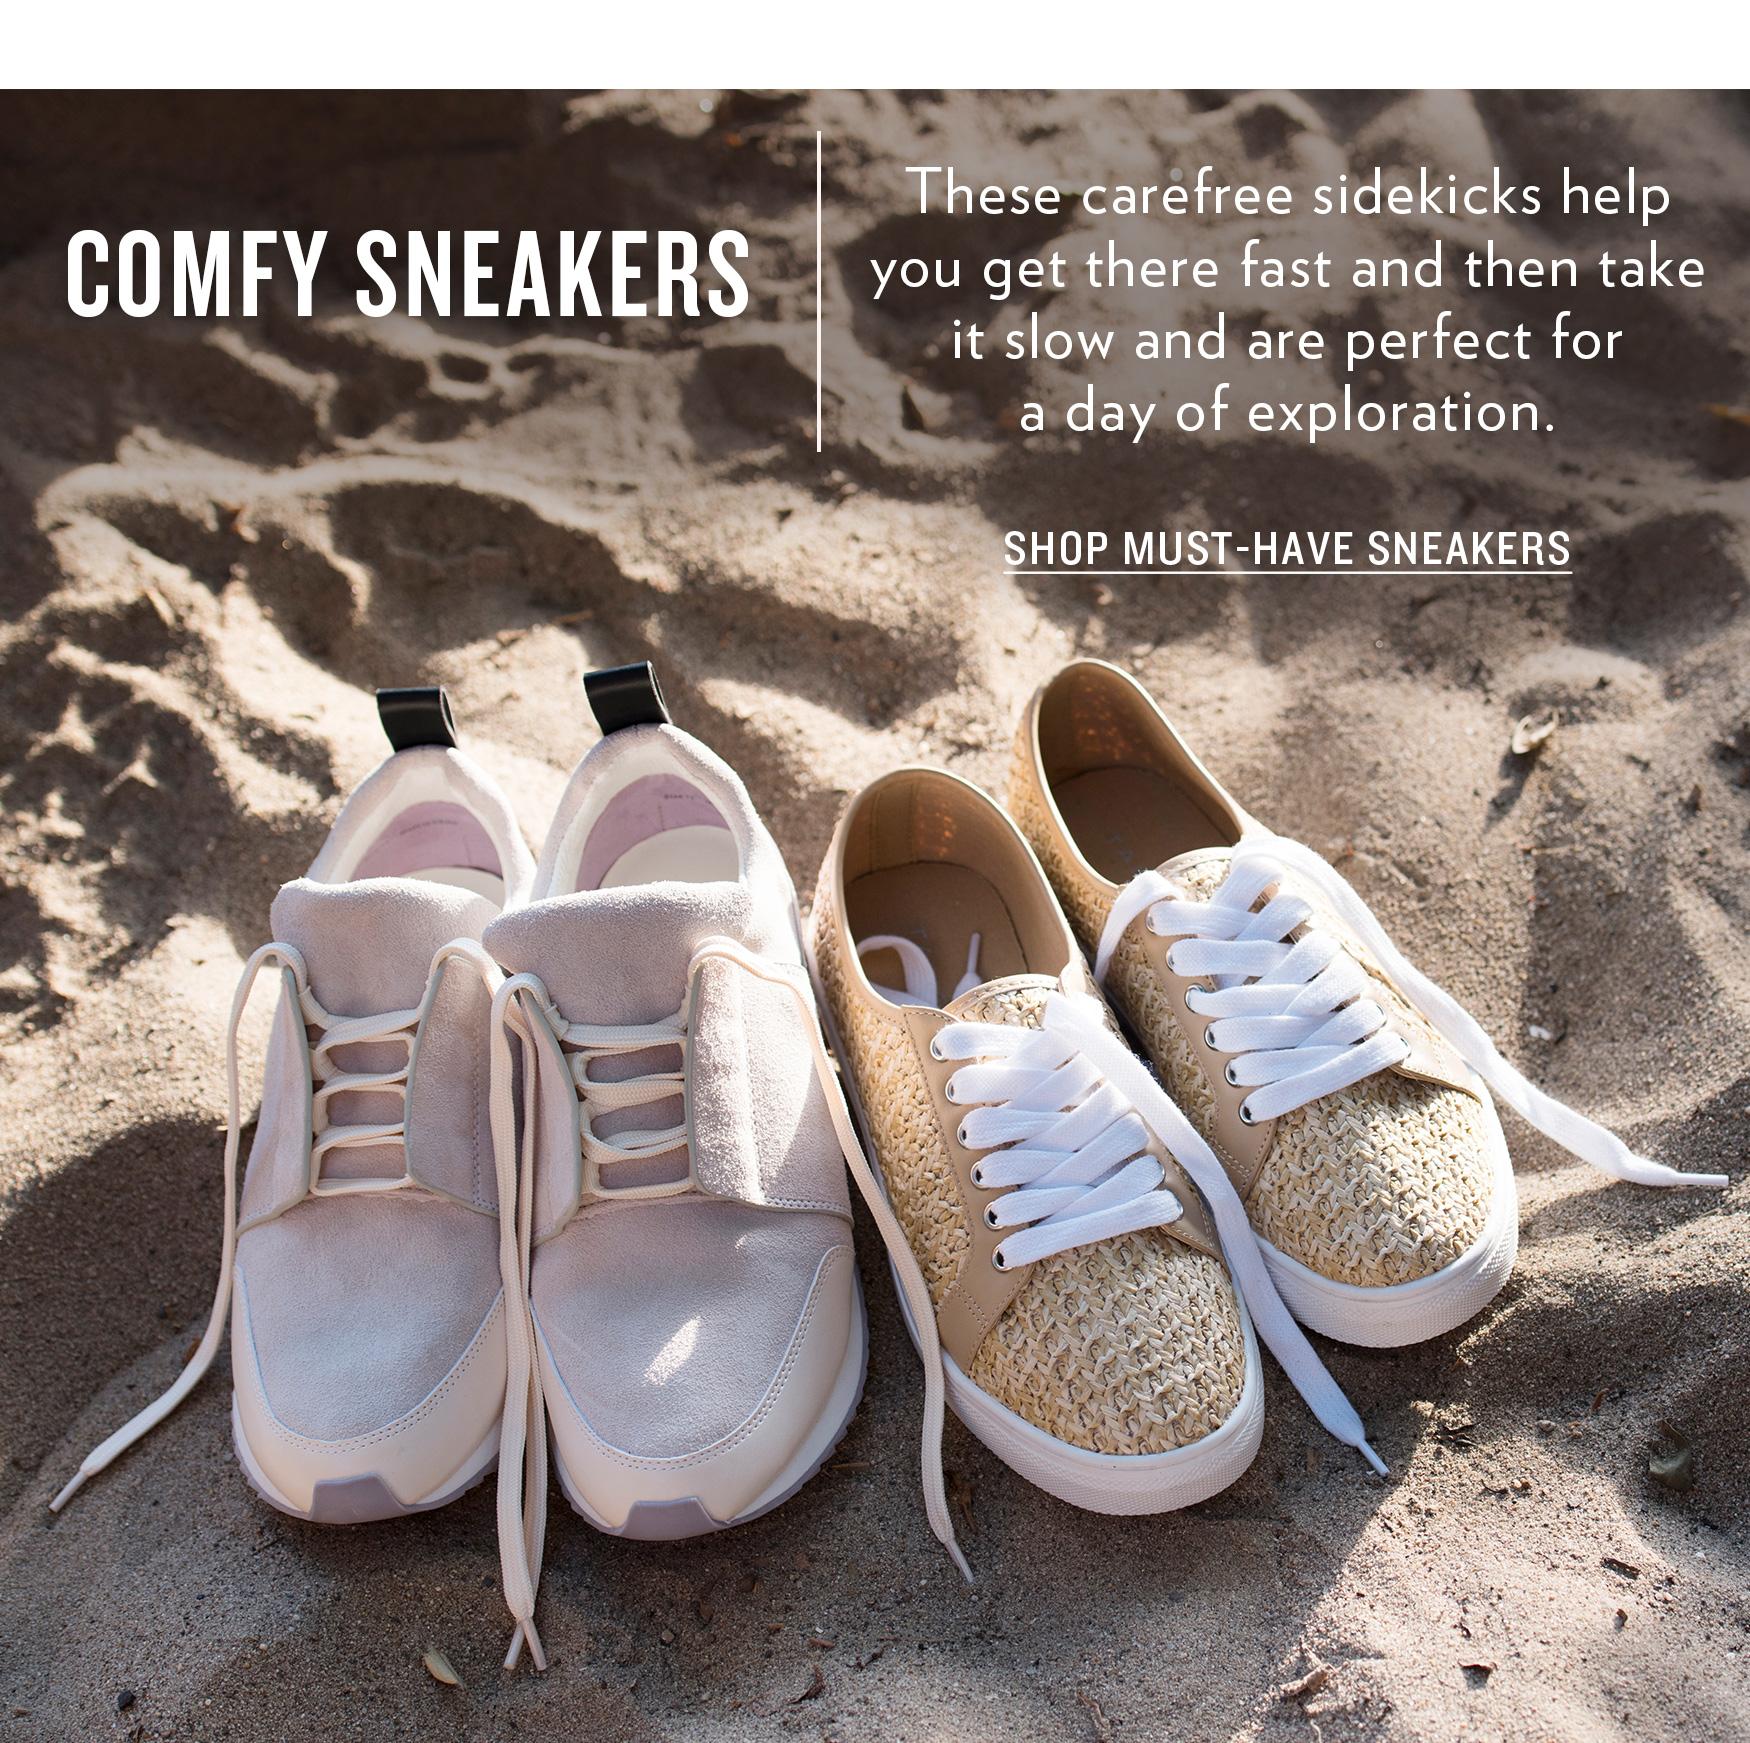 Shop Comfy Sneakers